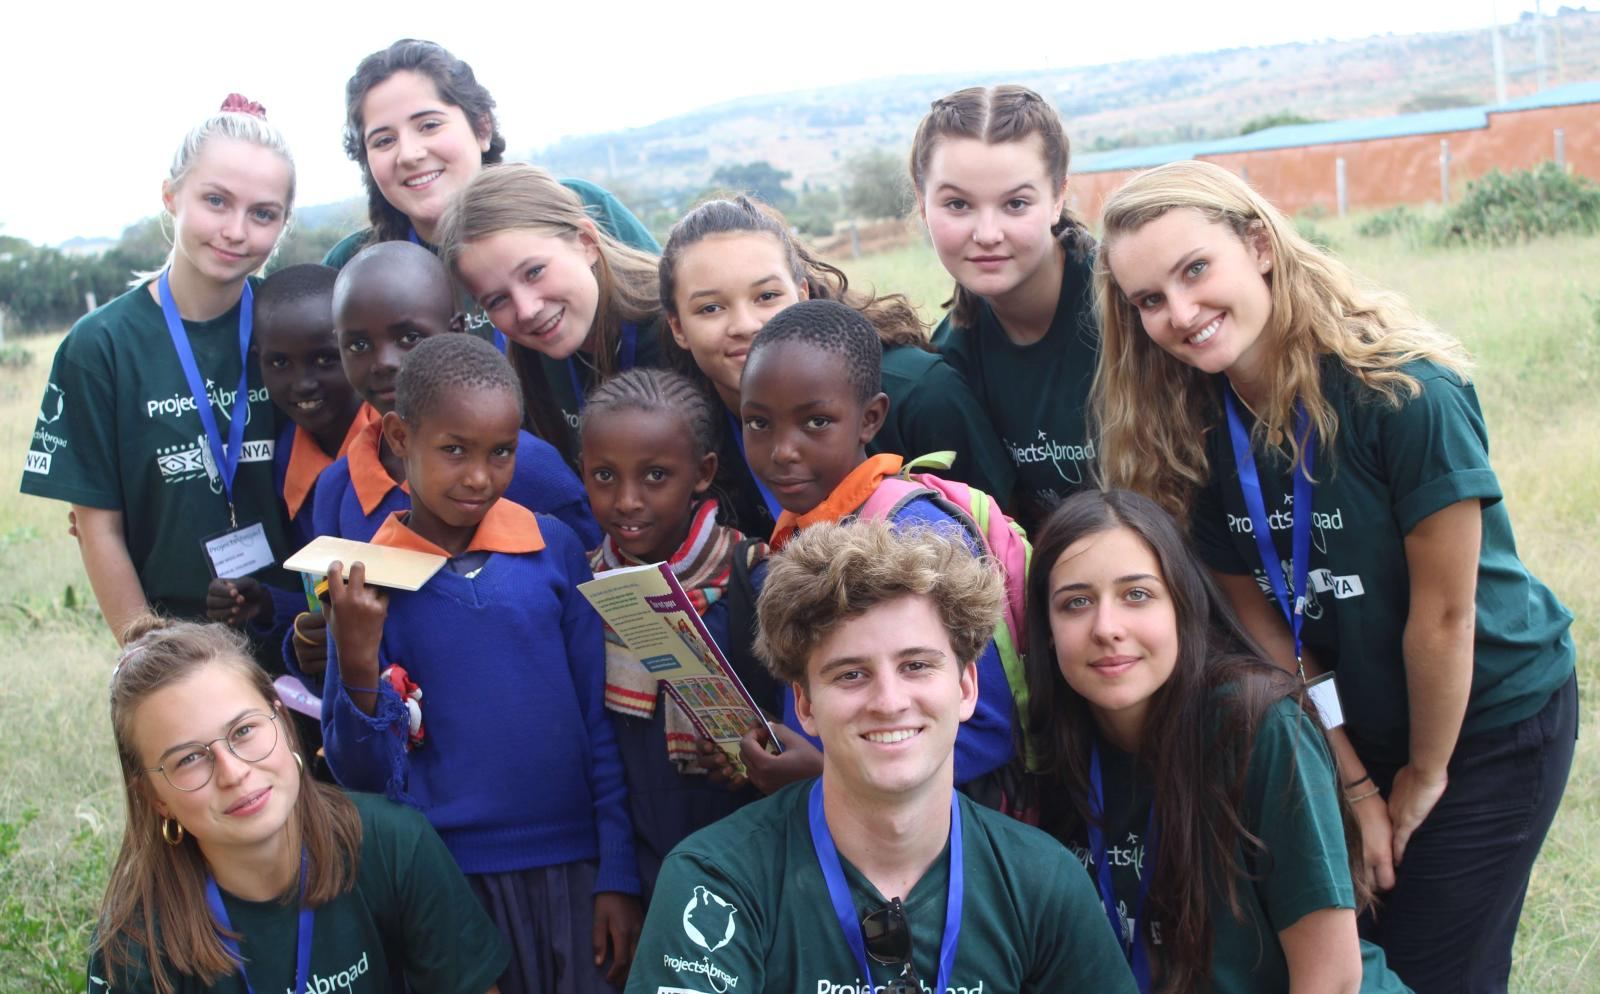 Voluntarios tomándose una foto durante un programa de alcance médico en Kenia.